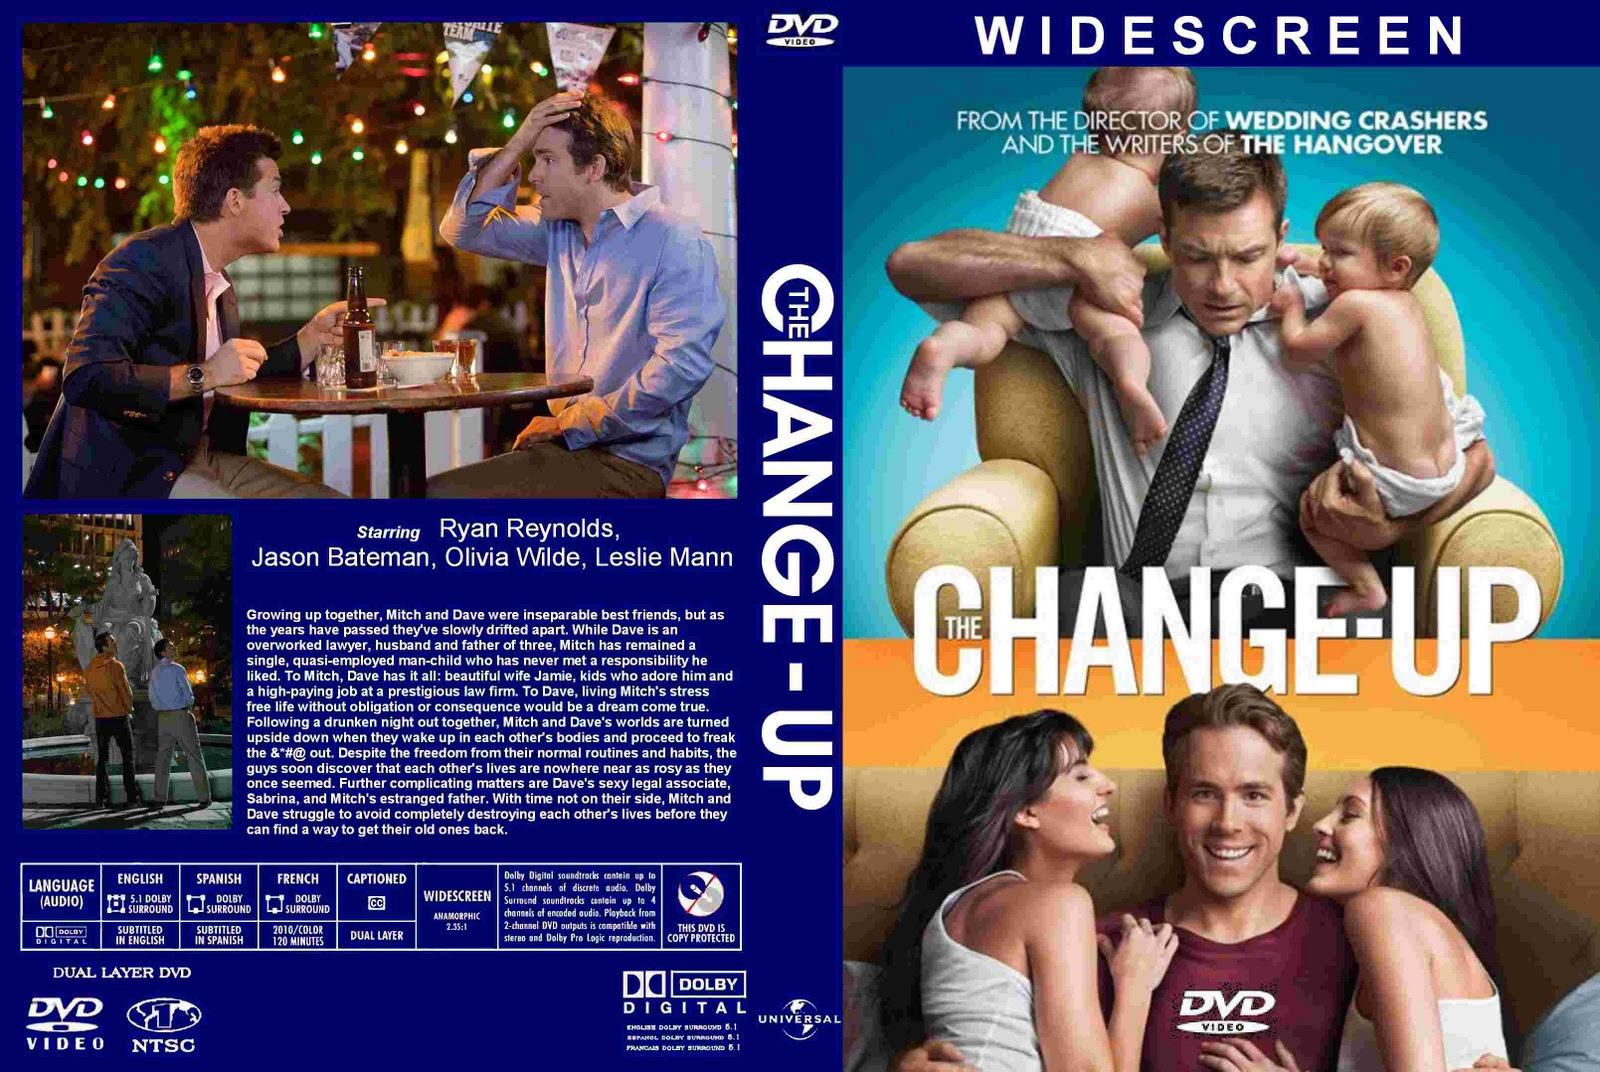 http://3.bp.blogspot.com/-FWsk0-VIWFA/TrIHx2aeYNI/AAAAAAAAANE/bUQSl0T9KUI/s1600/The_Change_Up.jpg